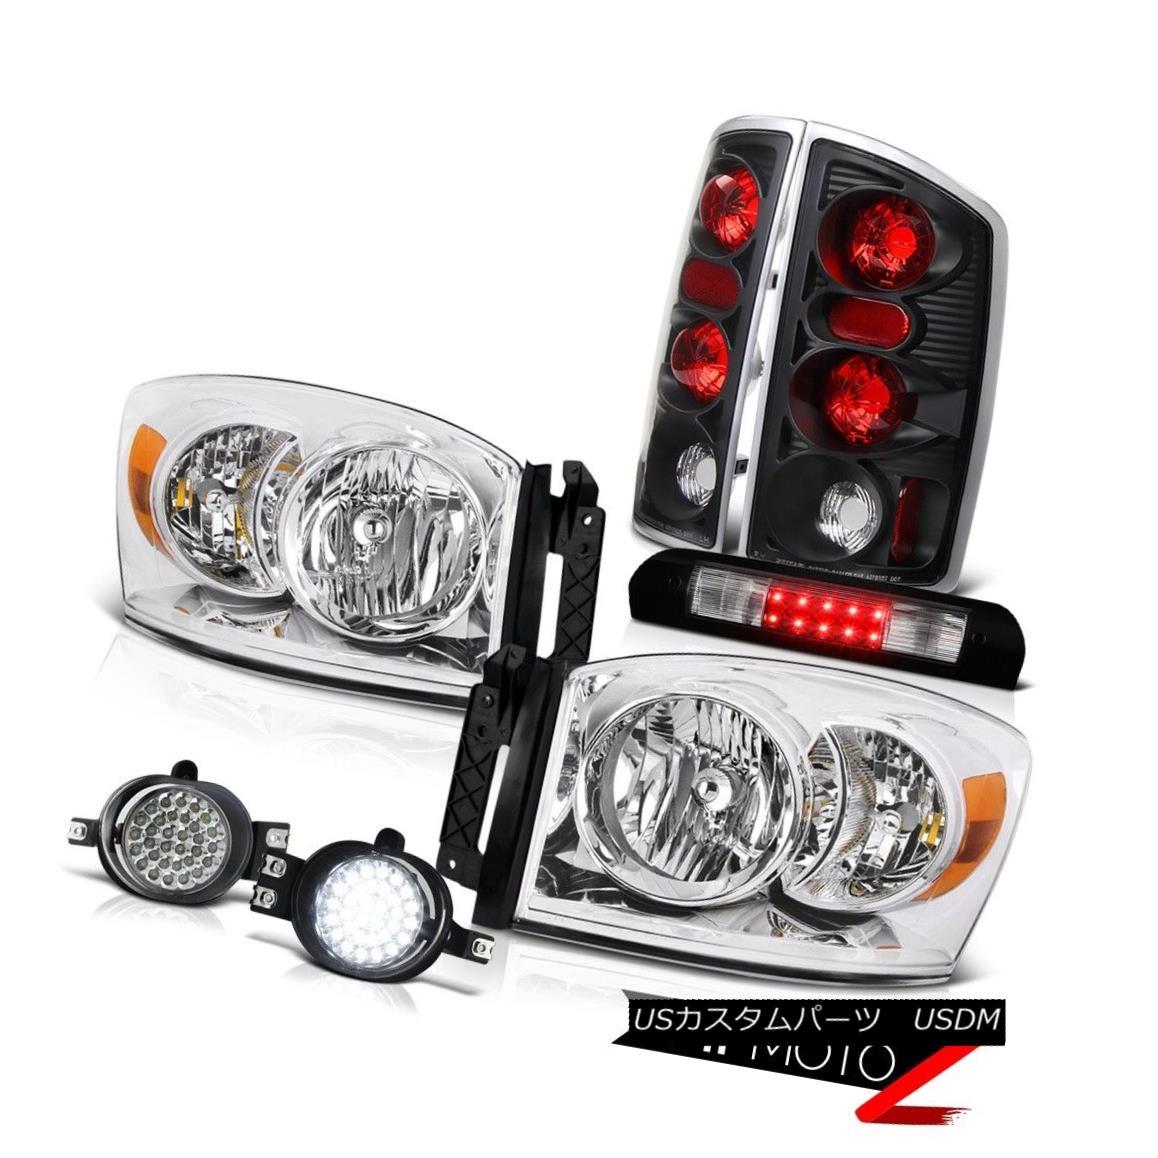 ヘッドライト Euro Headlights Black Reverse Tail Lights LED Foglights High Stop 2006 Dodge Ram ユーロヘッドライトブラックリバーステールライトLED Foglightsハイストップ2006ドッジラム